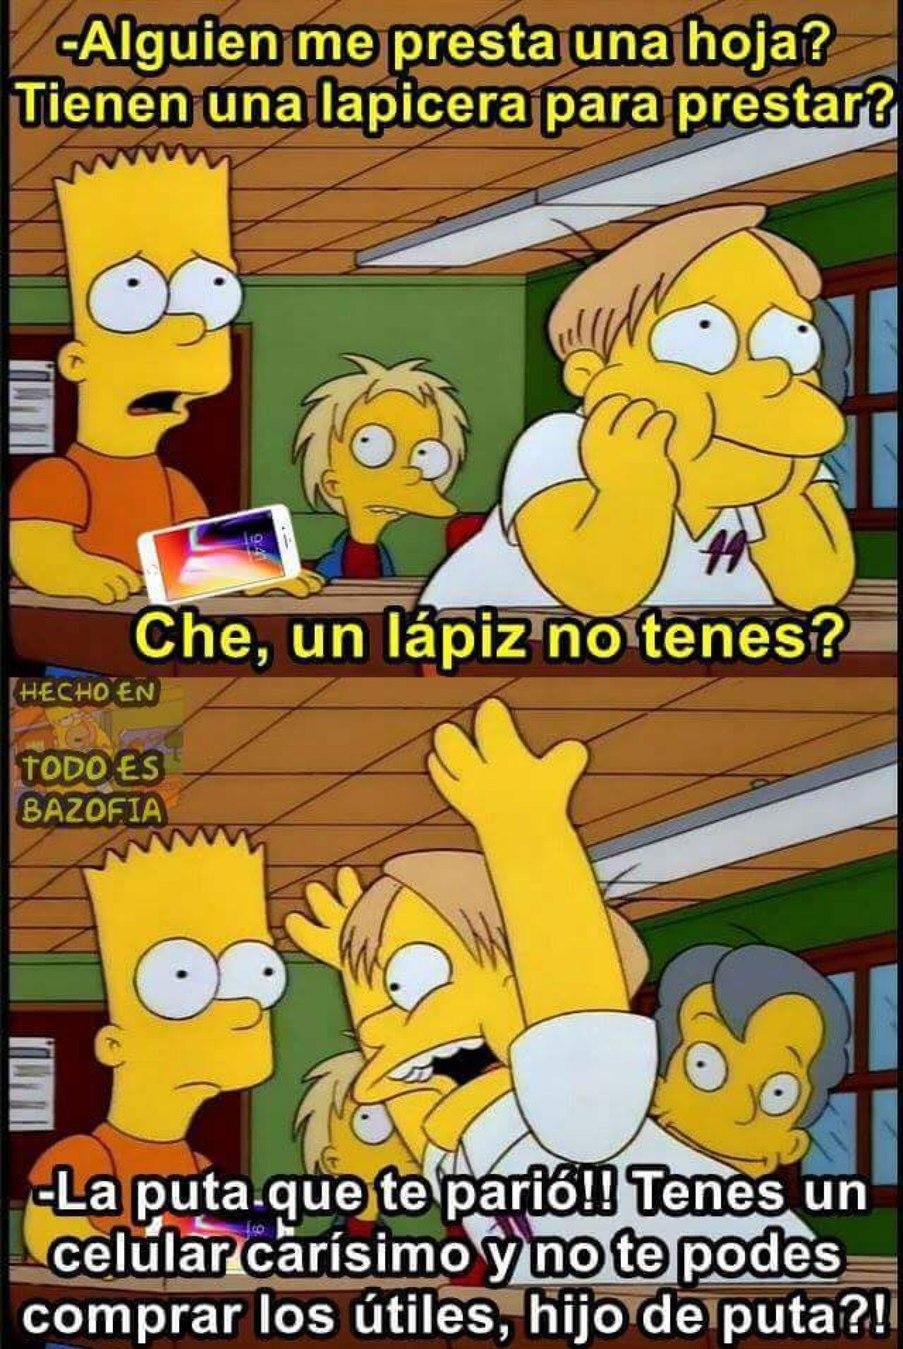 No hay dinero - meme